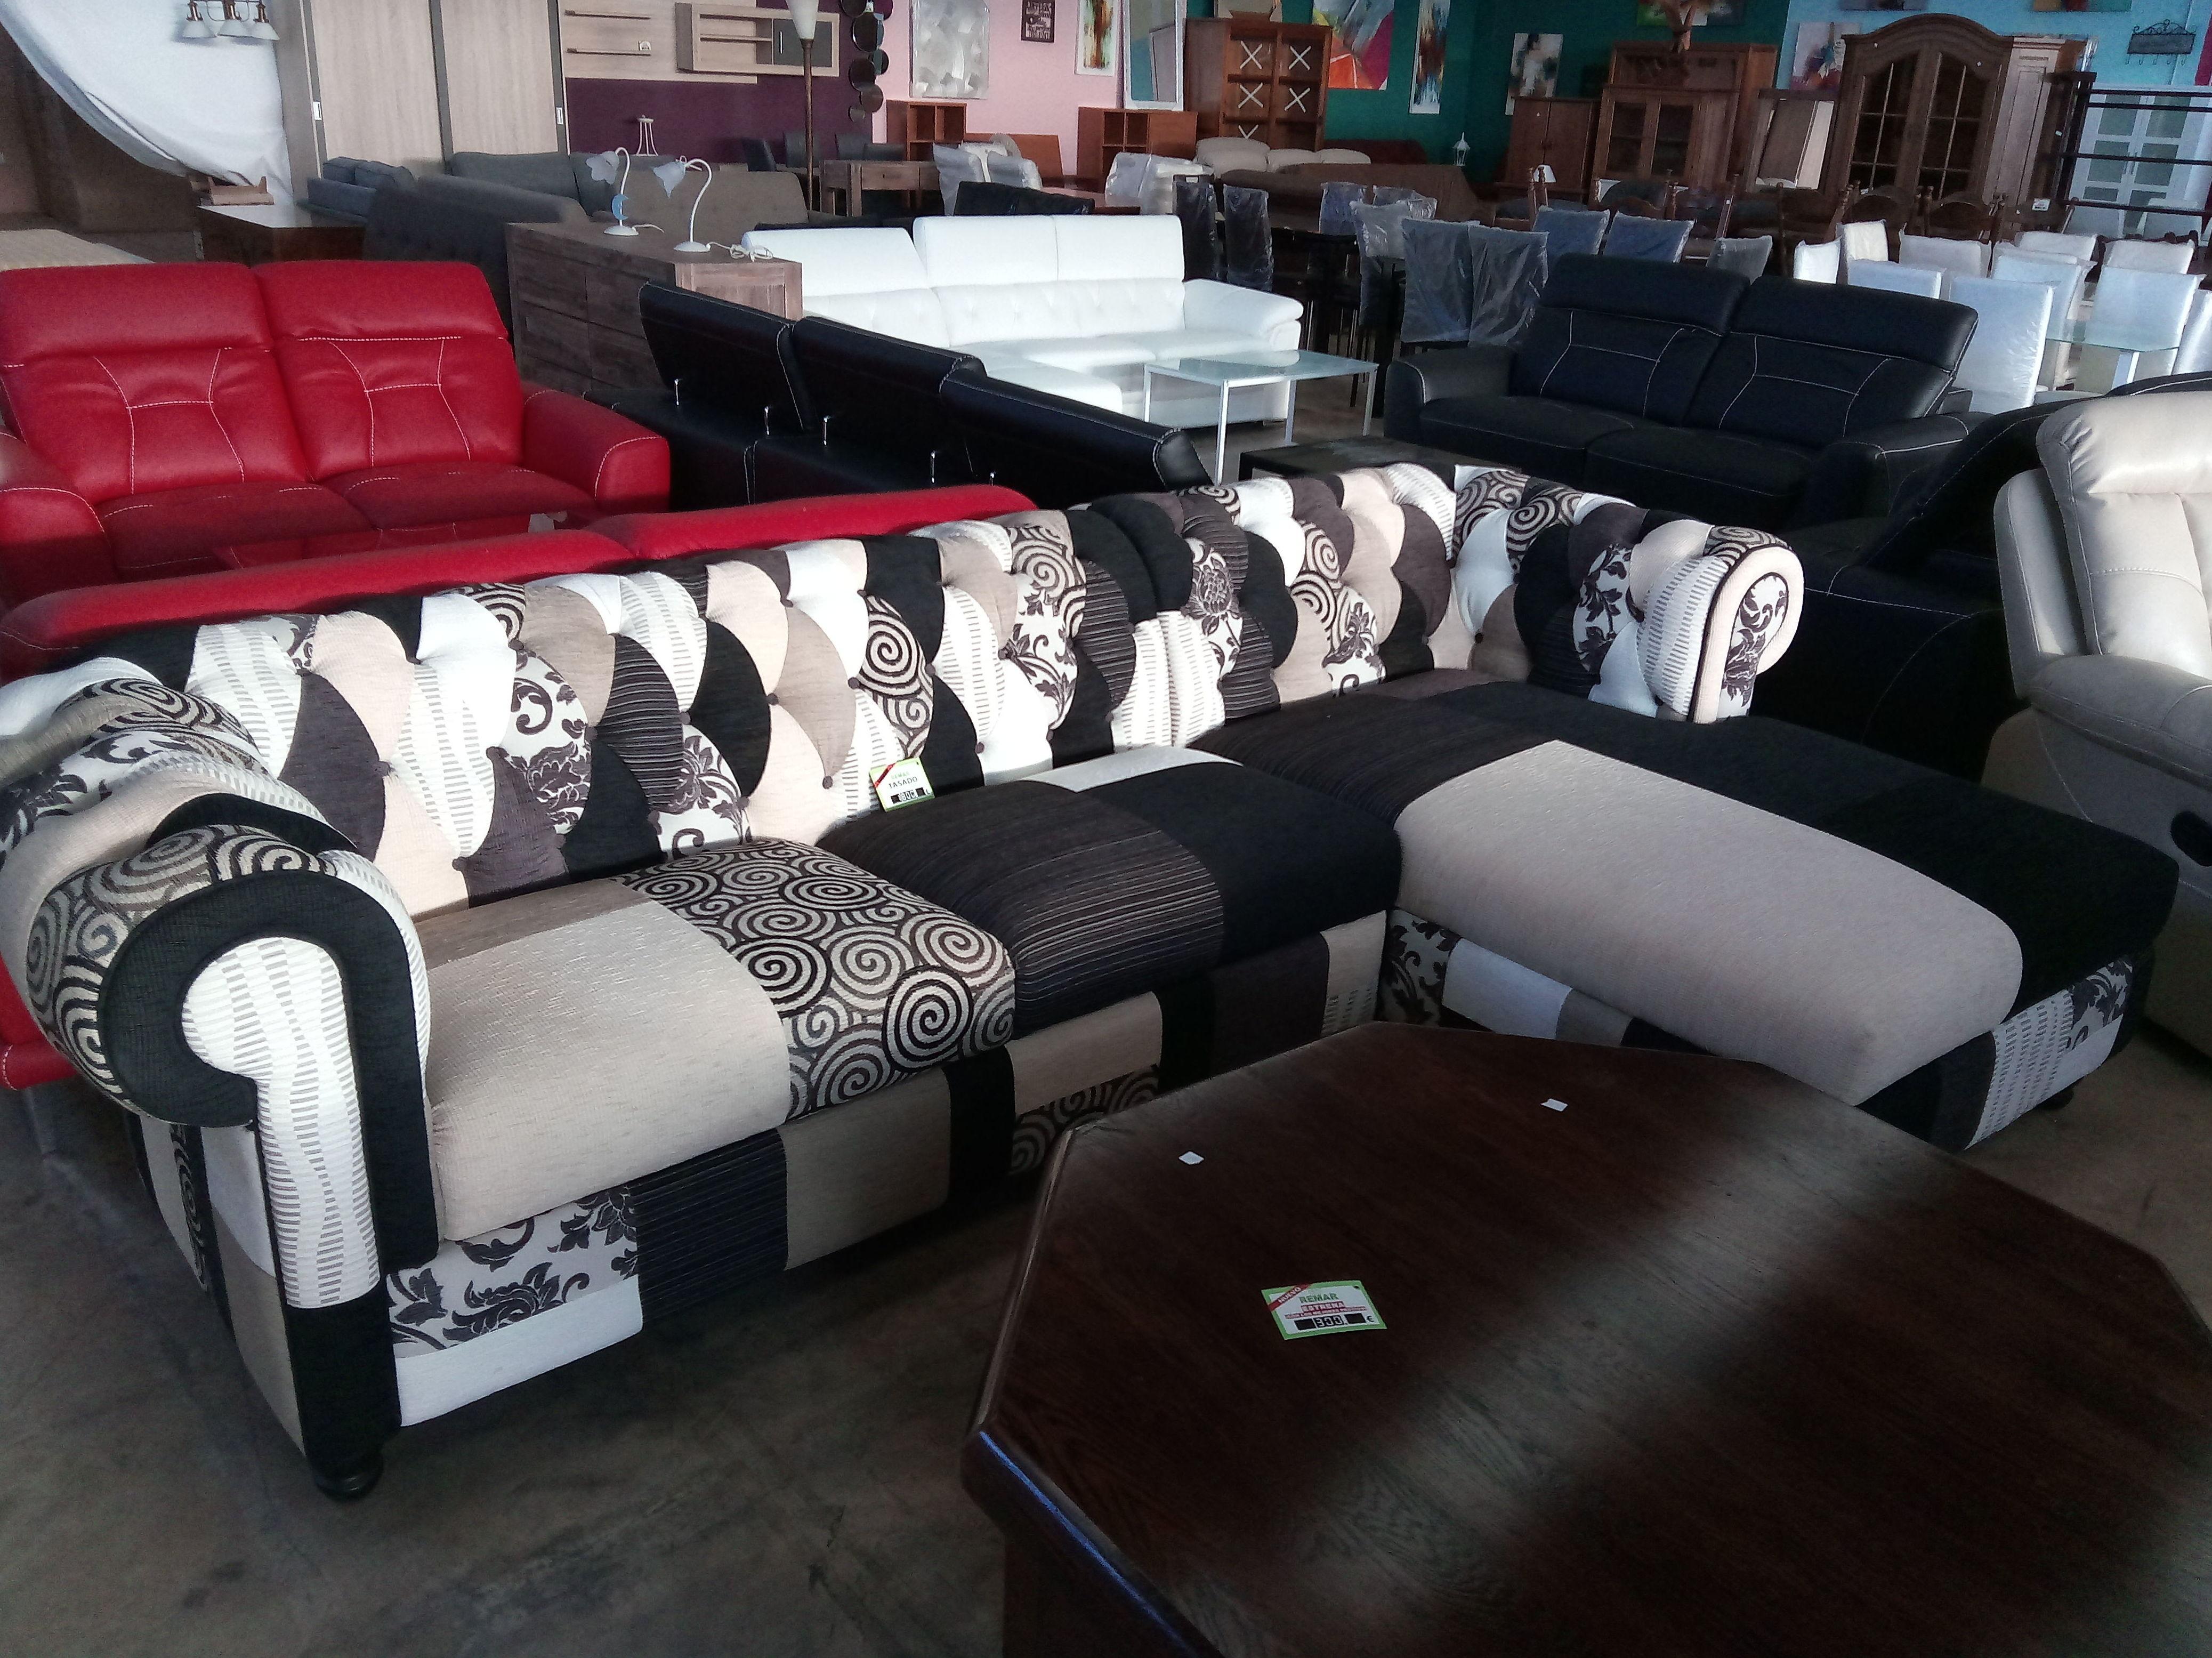 Muebles de segunda mano castellon top muebles segunda mano castellon muebles muebles de cocina - Sofas segunda mano castellon ...